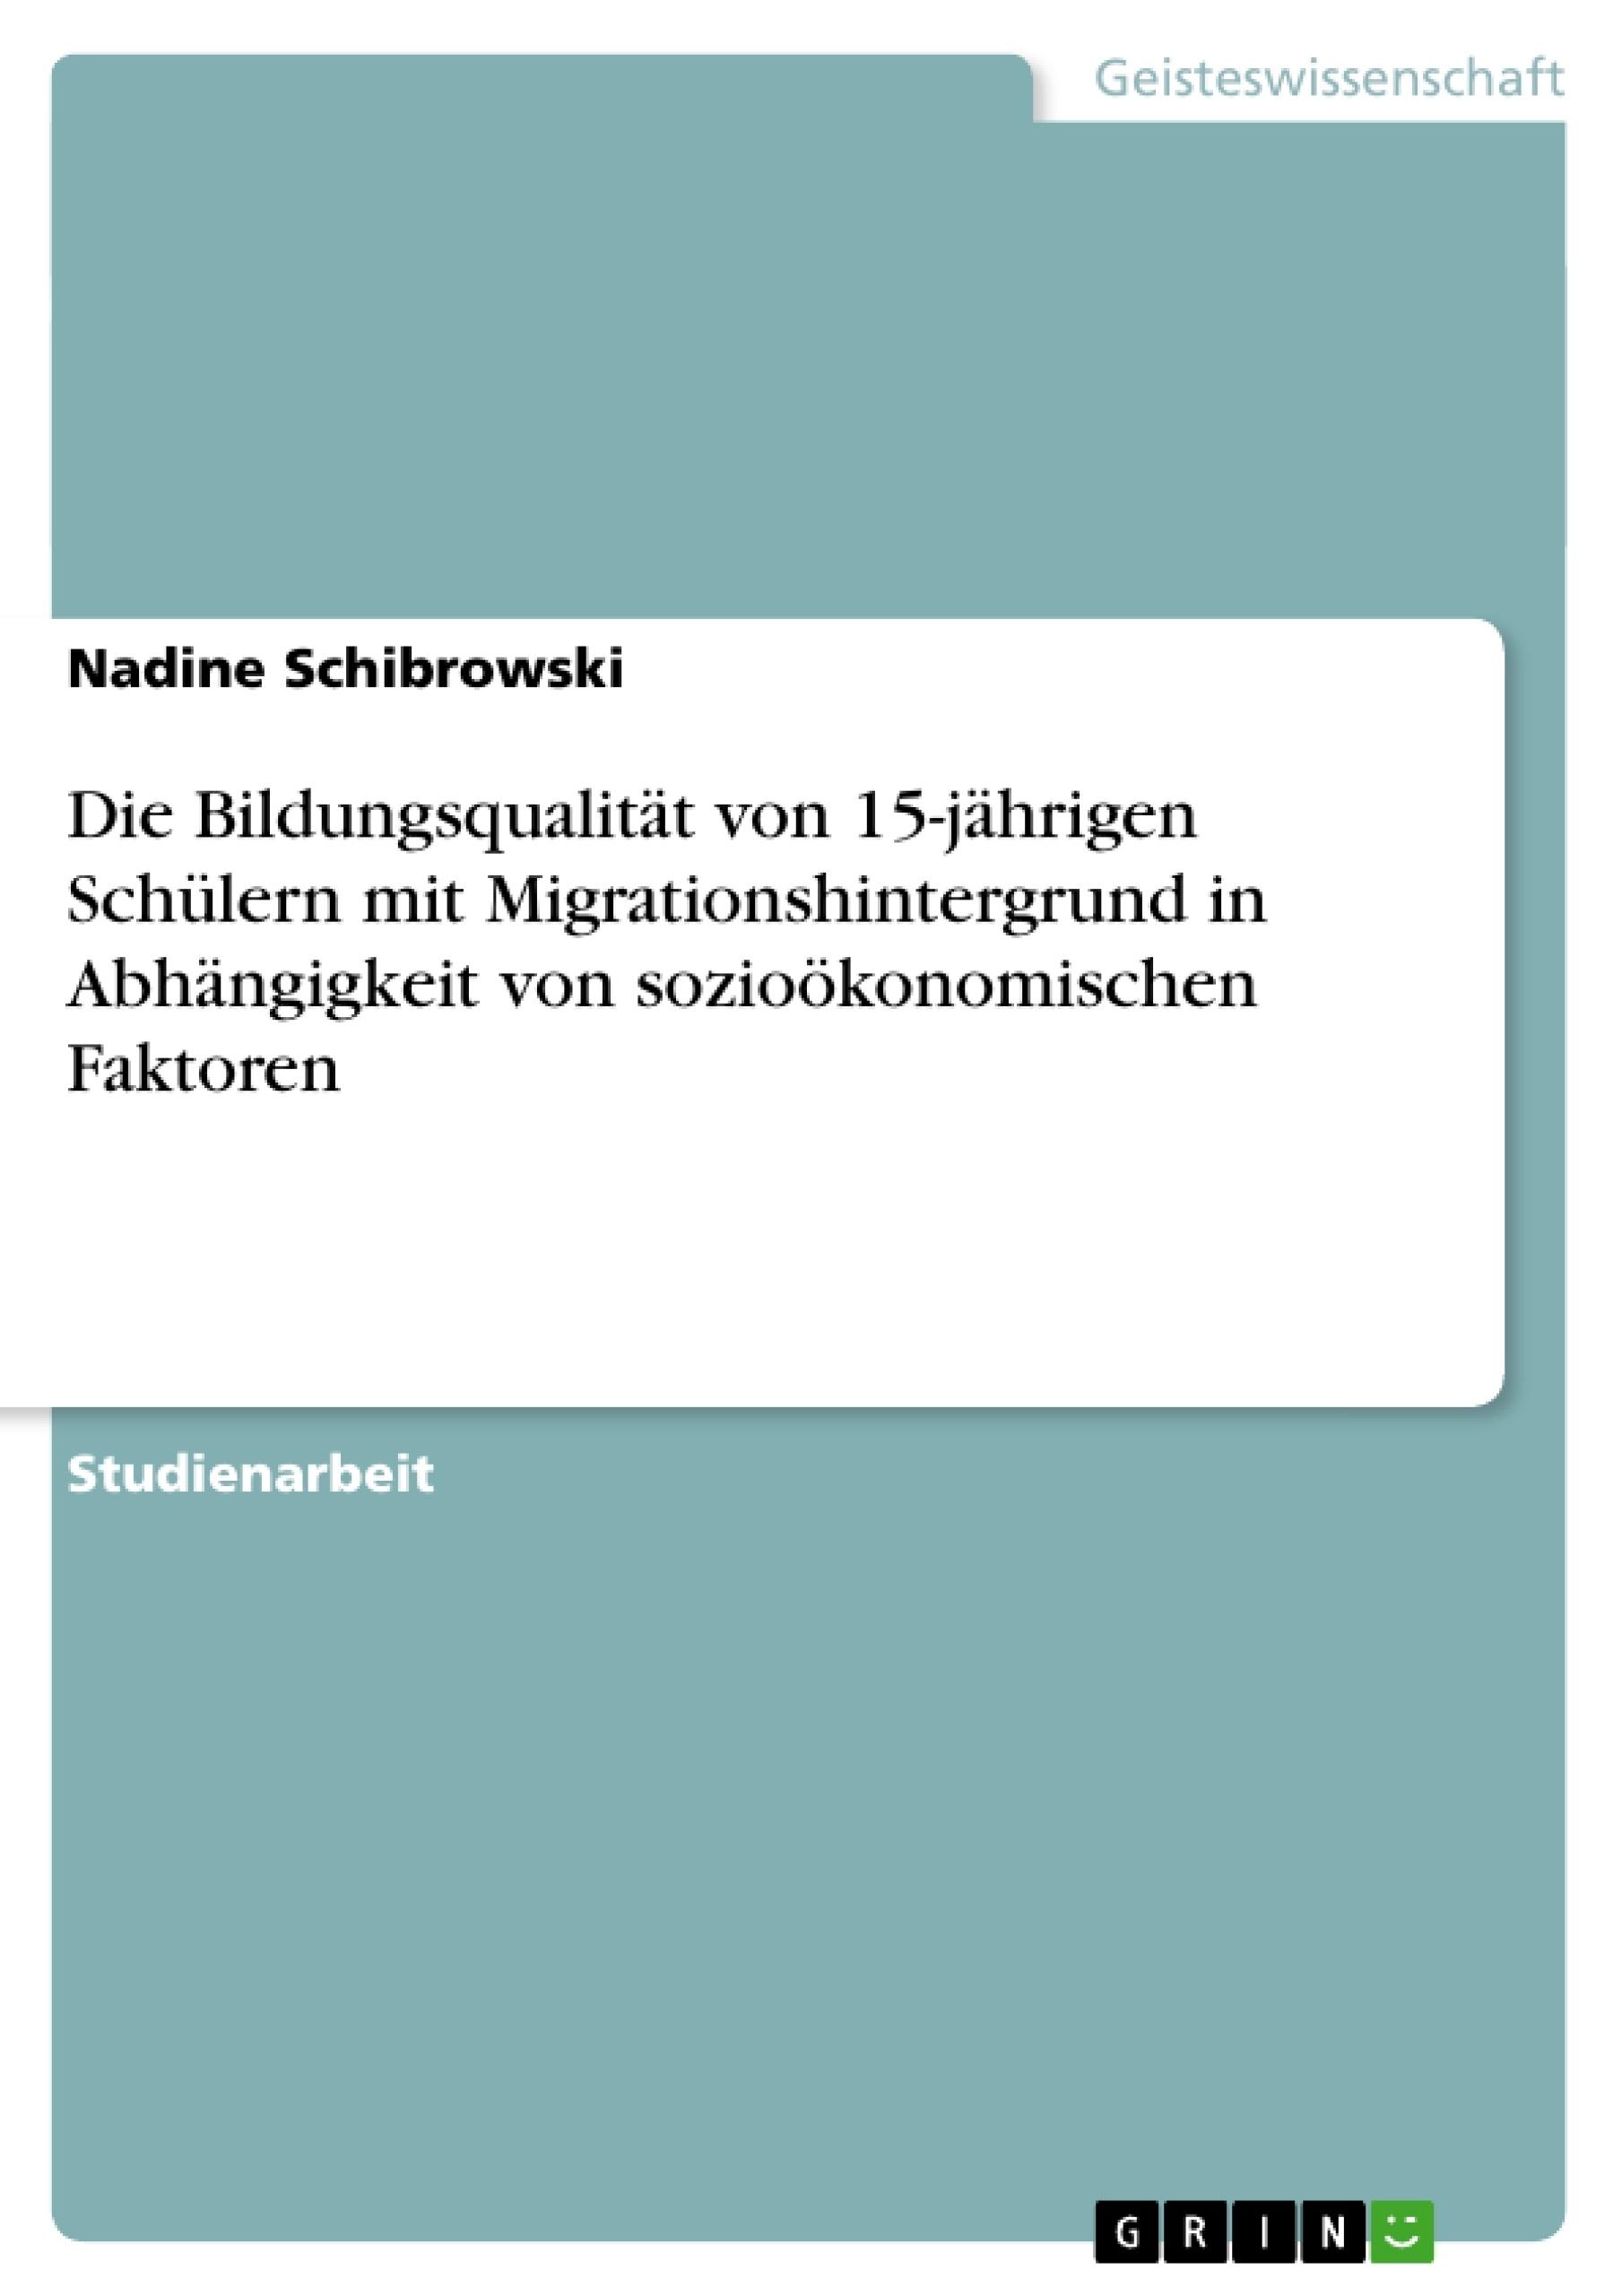 Titel: Die Bildungsqualität von 15-jährigen Schülern mit Migrationshintergrund in Abhängigkeit von sozioökonomischen Faktoren